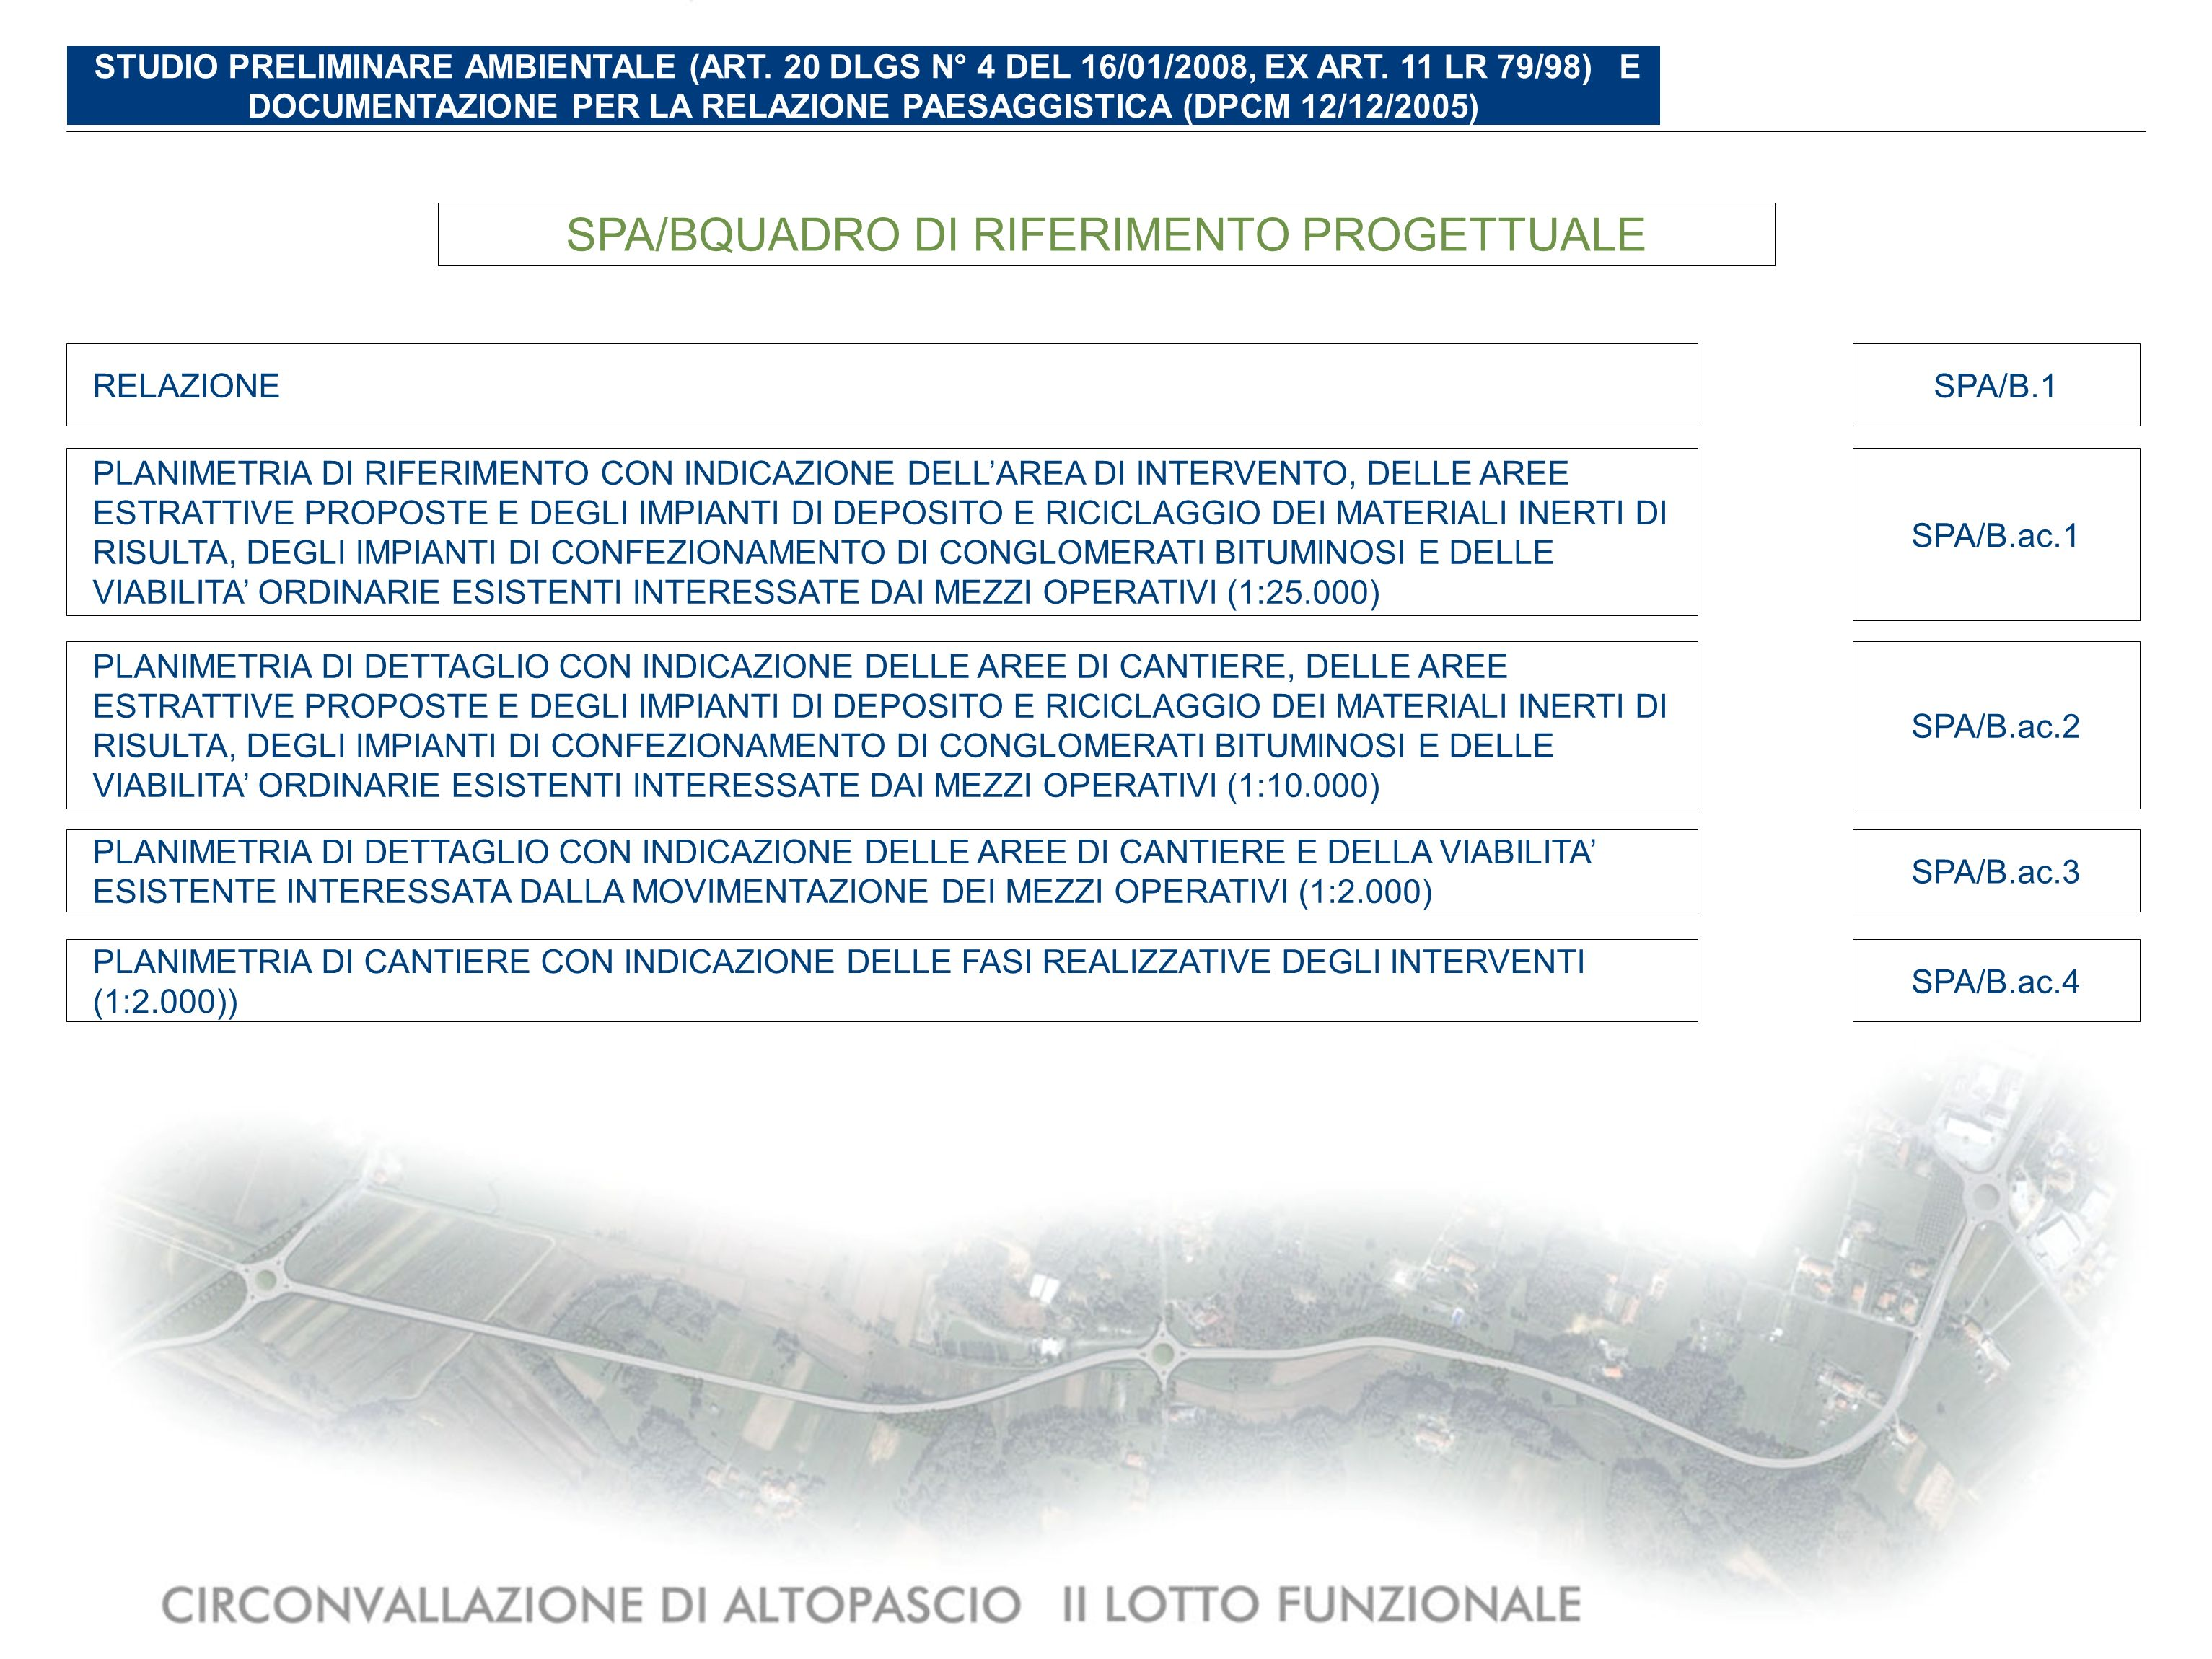 MAPPATURA DELLE ISOFONICHE – FASE DI ESERCIZO PERIODO NOTTURNO SPA/B.ae.1 ABACO DELLE PRINCIPALI TIPOLOGIE DEI FABBRICATI PROVVISORI DI CANTIERE SPA/B.ac.6 PIANIFICAZIONE TEMPORALE DEI LAVORI E DIMENSIONAMENTO FUNZIONALE DELLE AREE DI CANTIERIZZAZIONE SPA/B.ac.5 STUDIO PRELIMINARE AMBIENTALE (ART.